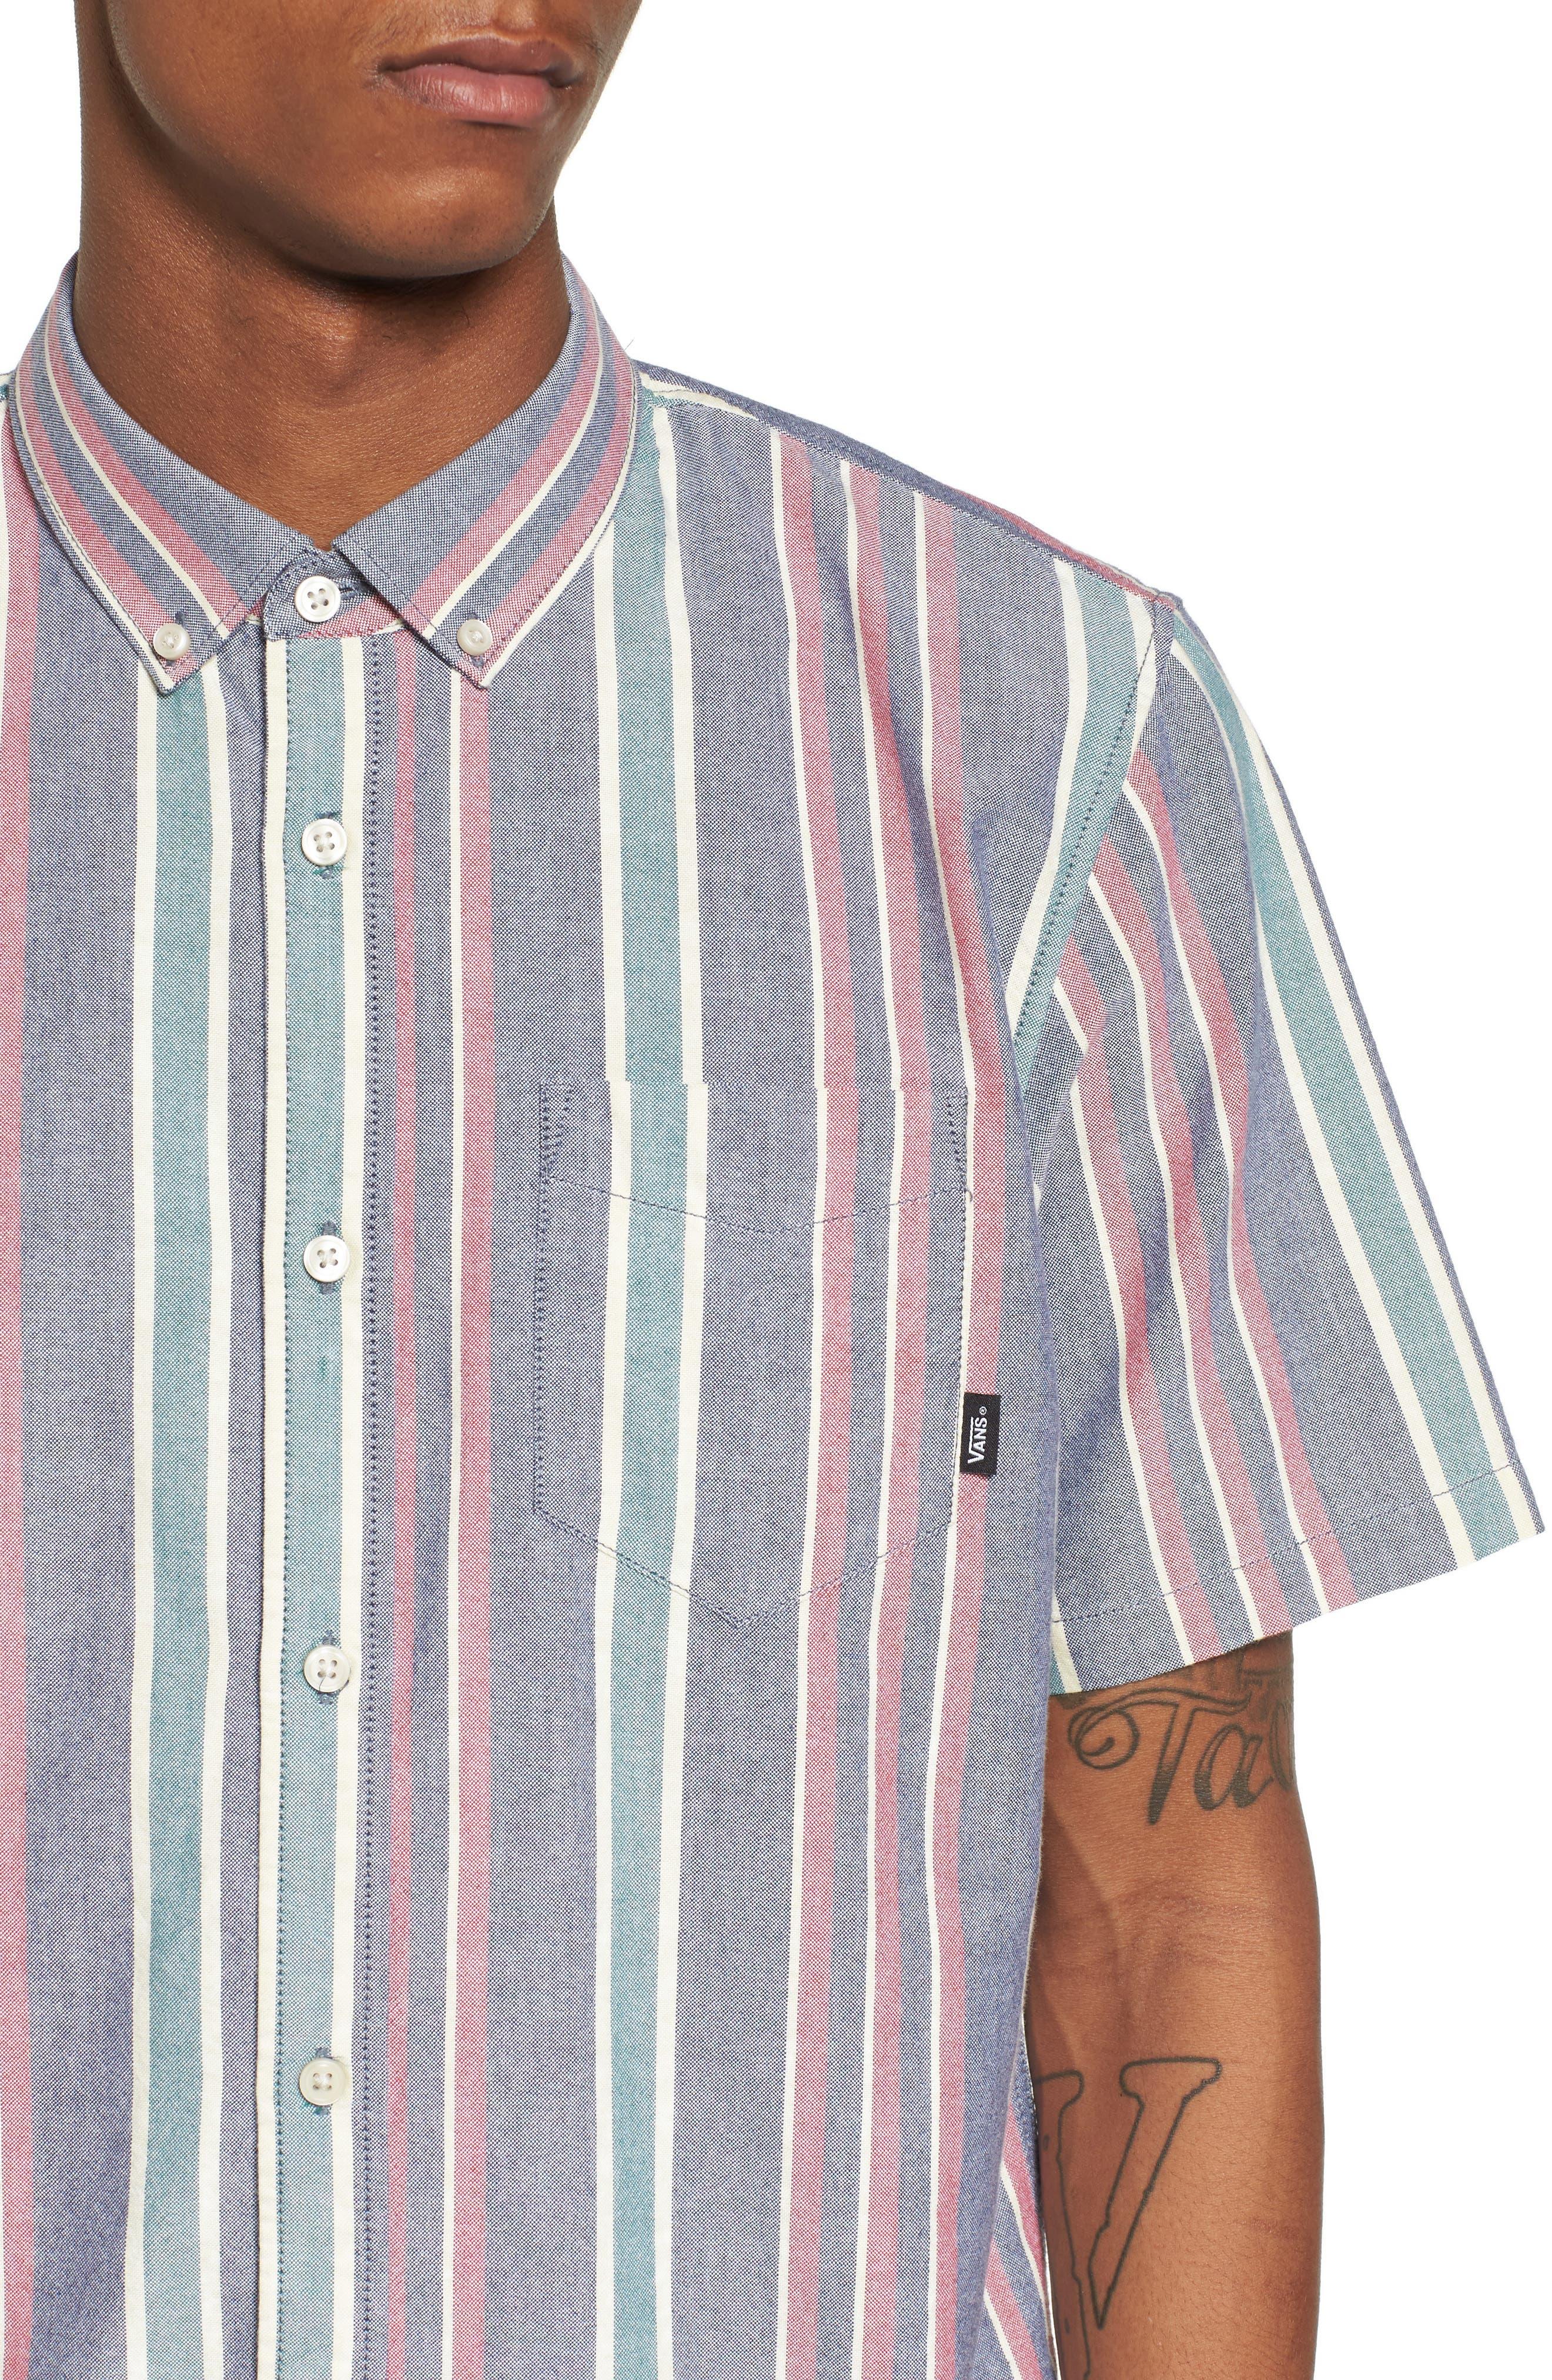 Houser Short Sleeve Shirt,                             Alternate thumbnail 4, color,                             Dress Blues/ Evergreen